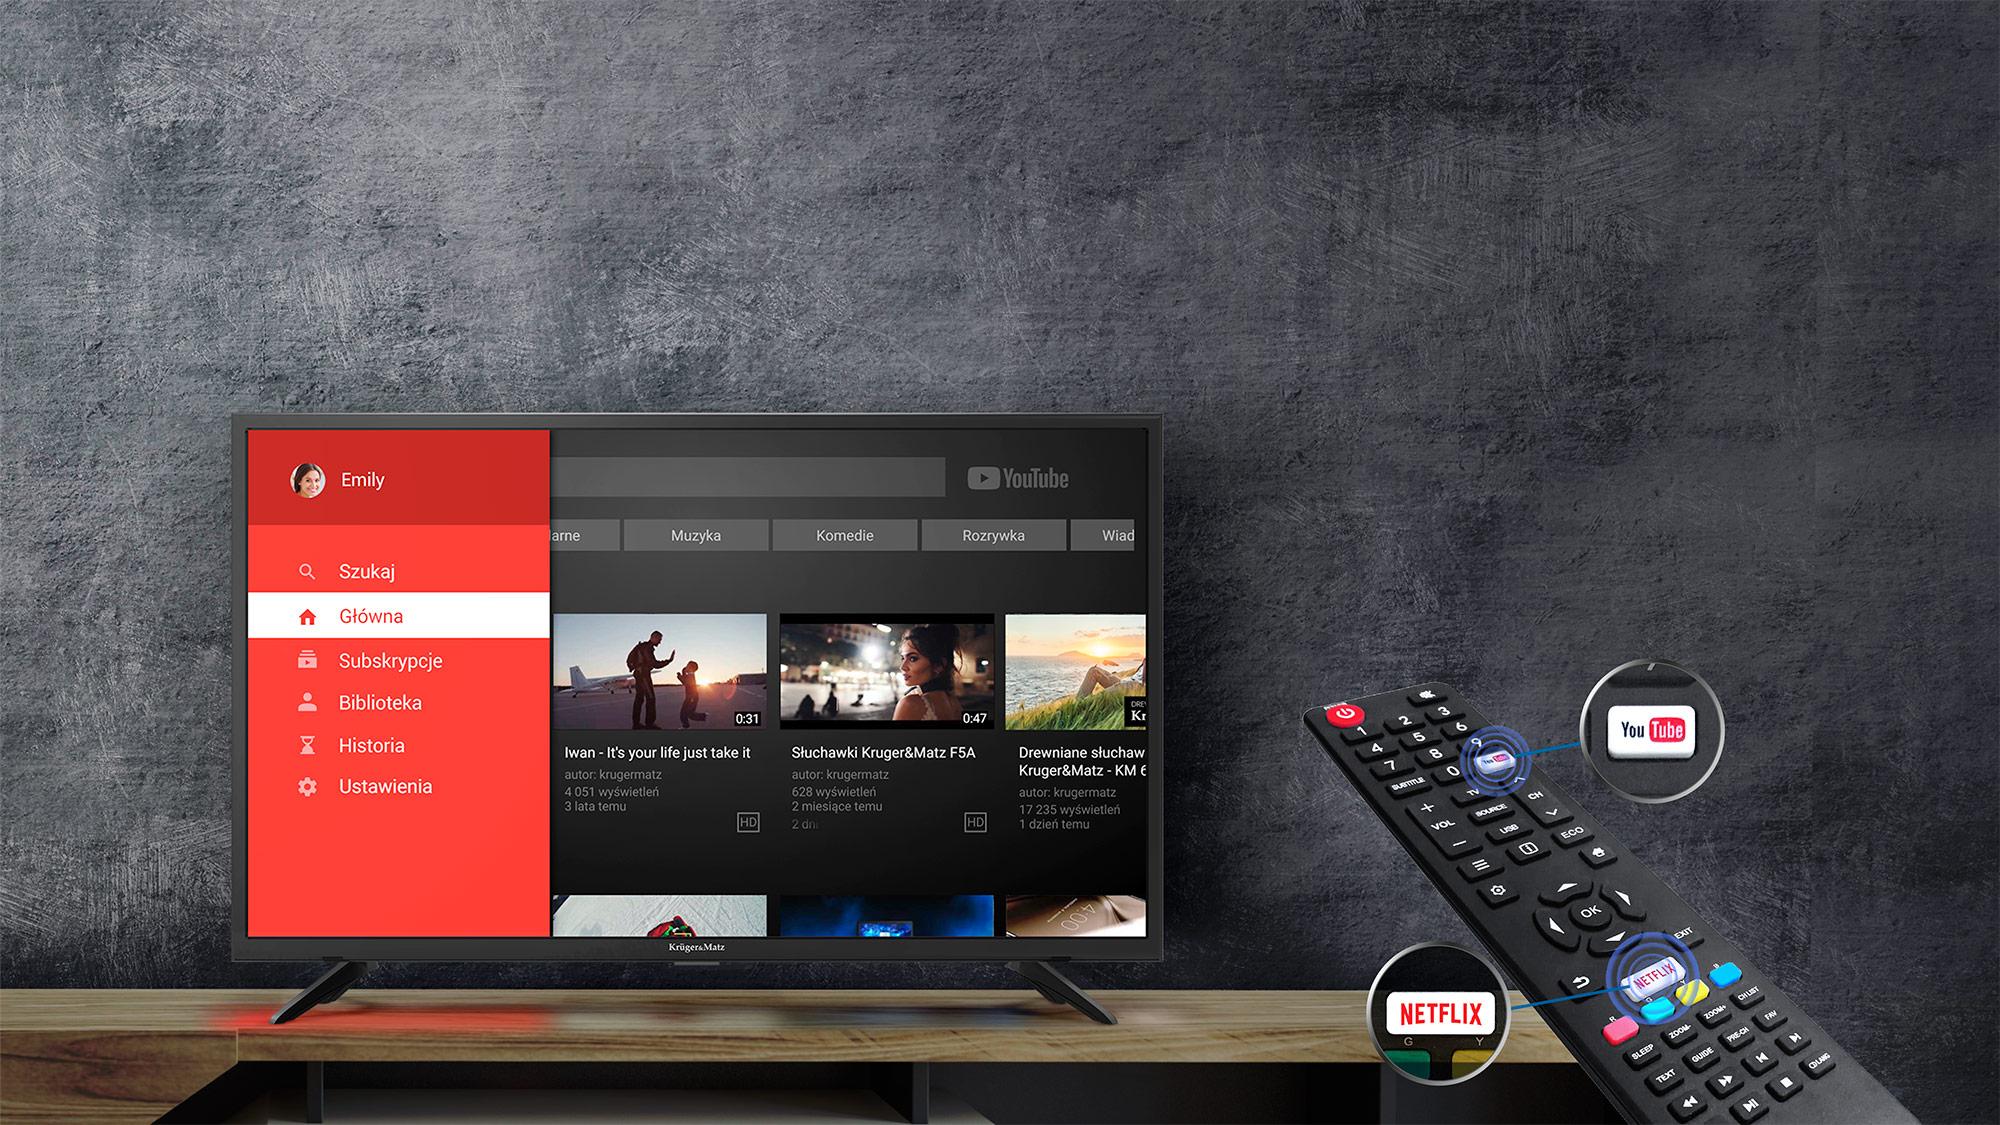 Czy często odnosisz wrażenie, ze cyfrowa telewizja nie spełnia Twoich oczekiwań? Telewizor Kruger&Matz, oferuje Ci więcej! Dzięki wbudowanemu modemowi Wi-Fi i portowi RJ-45 z łatwością podłączysz go do sieci, uzyskując dostęp do przeglądarki internetowej, Youtube i wypożyczalni Netflix. Przed Tobą nieograniczone możliwości!